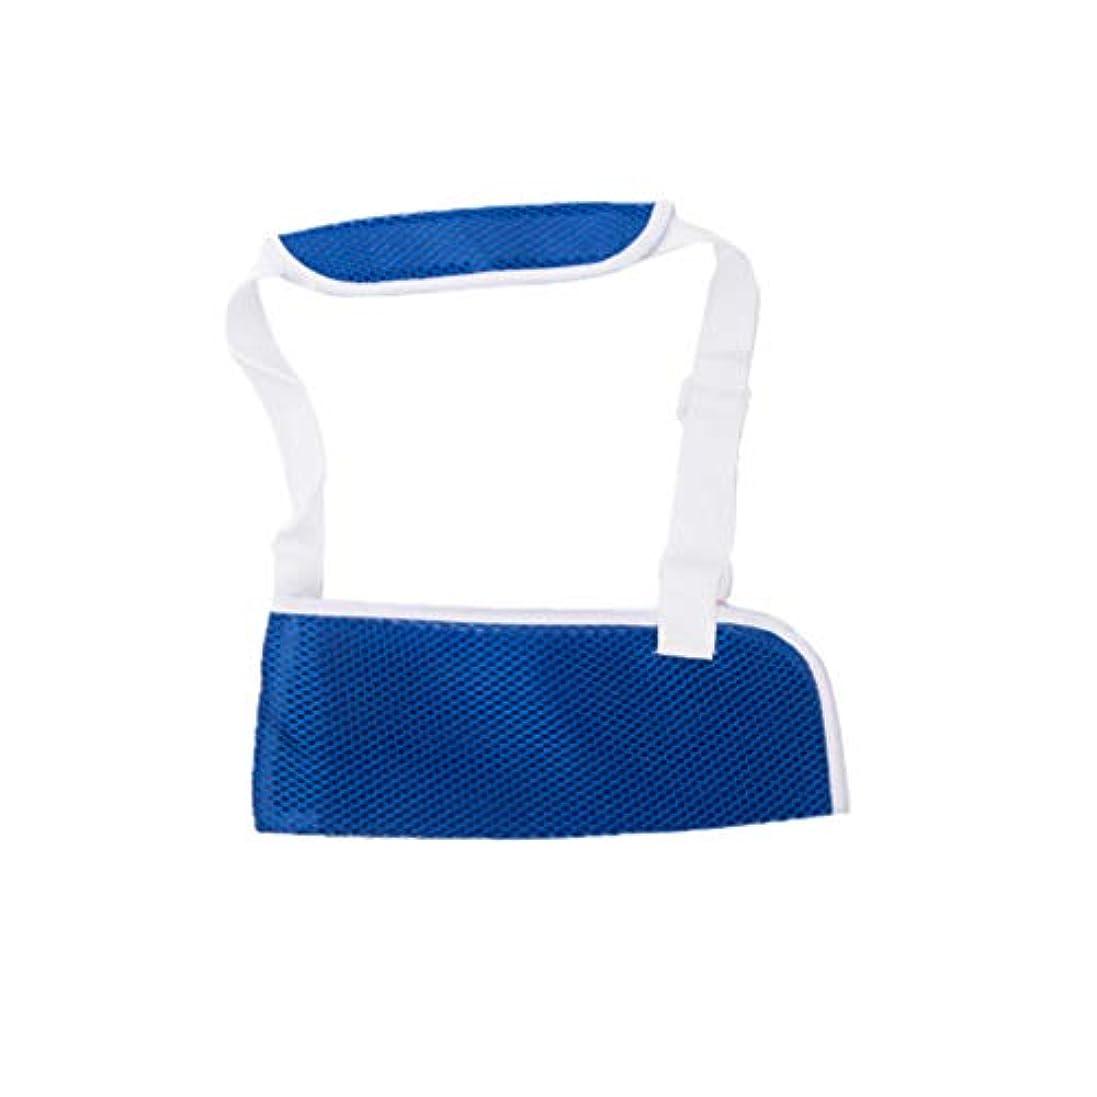 背景北東権威Heallily アームスリング1ピース調節可能なアームスリング肩サポートスプリットストラップ付き通気性のある手首の肘サポート子供の脱臼、骨折、捻rain、骨折した腕(サイズl)